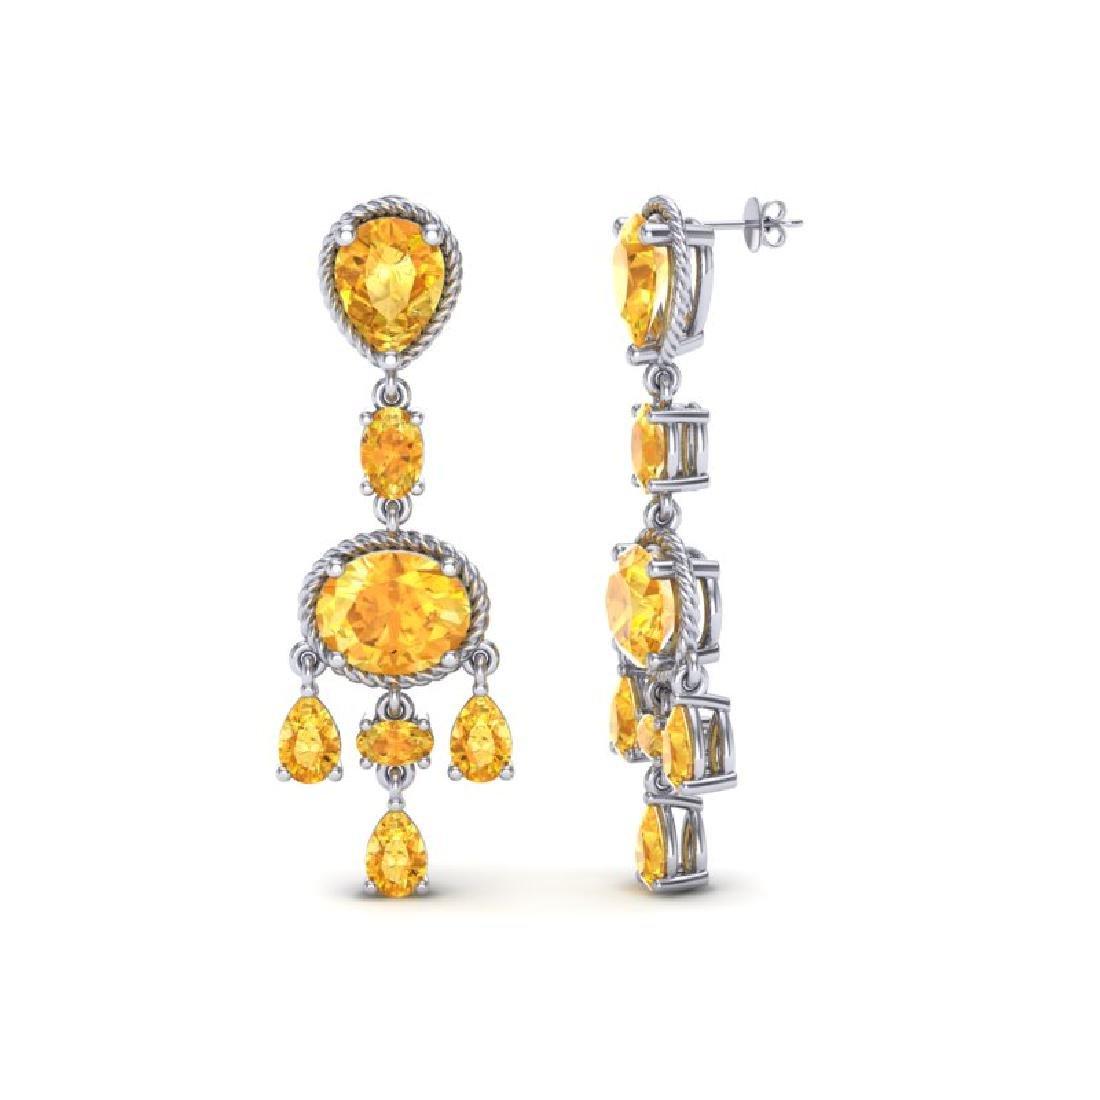 16 CTW Citrine Earrings Designer Vintage 10K White Gold - 2